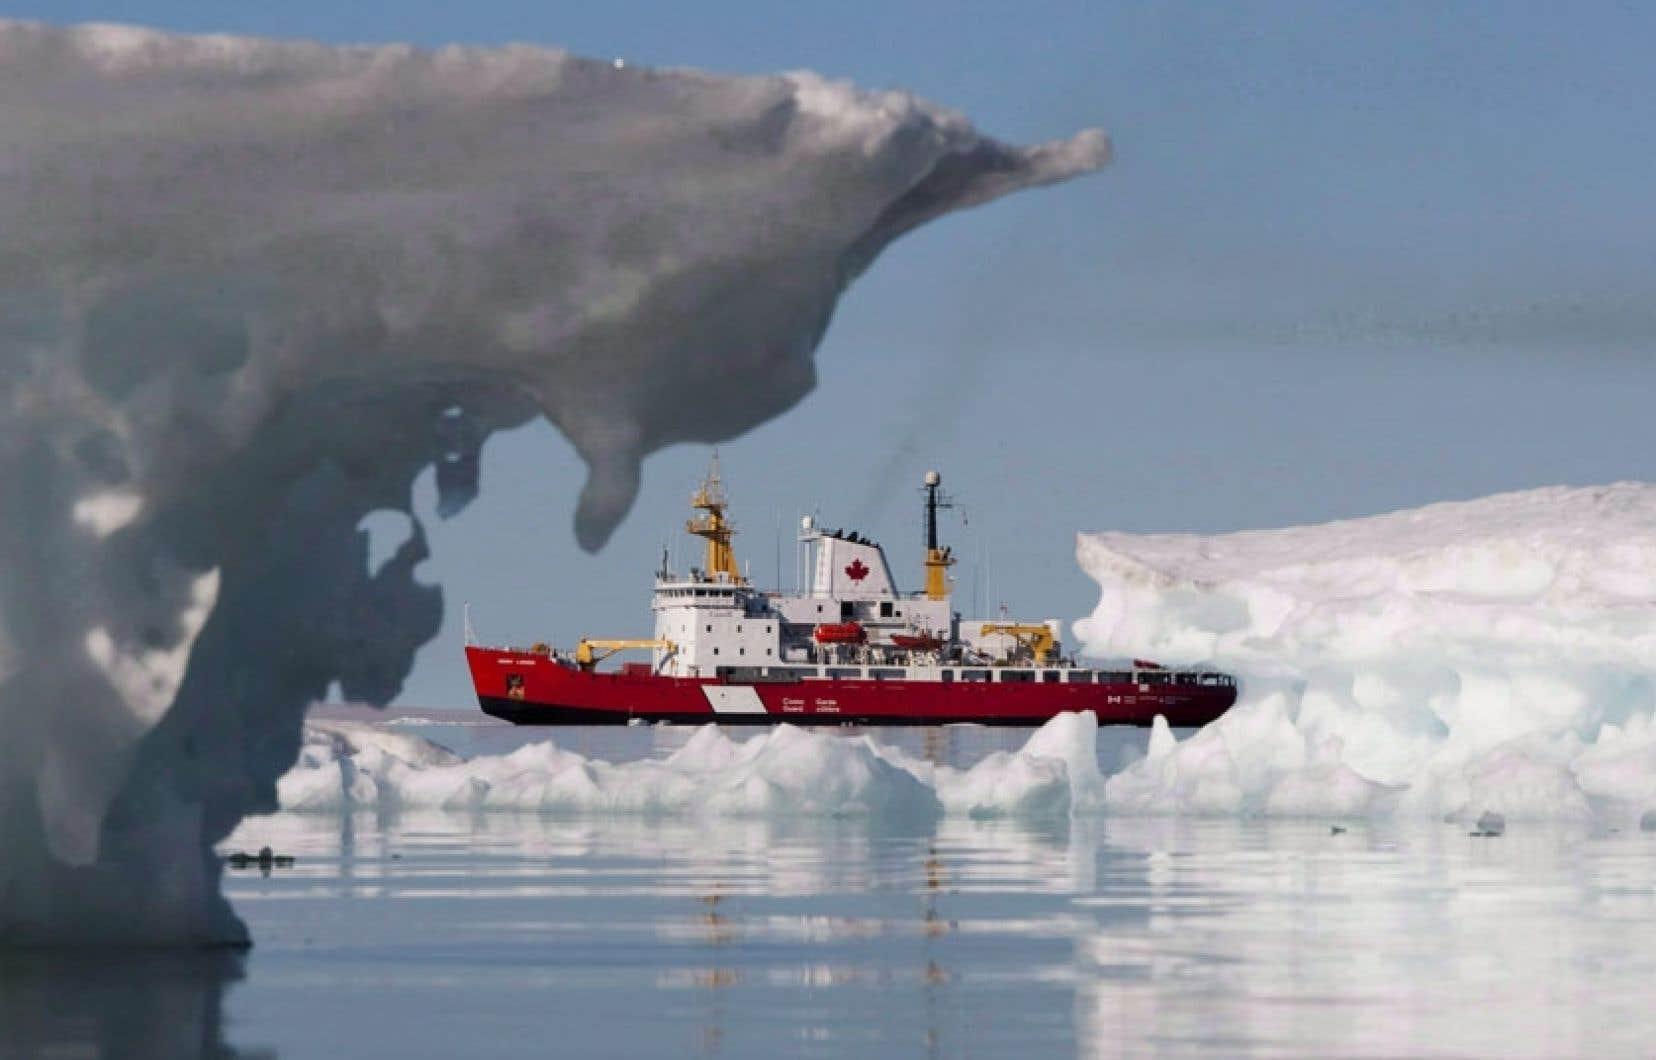 Le Canada se prépare à consacrer des milliards de dollars à la défense de l'Arctique.